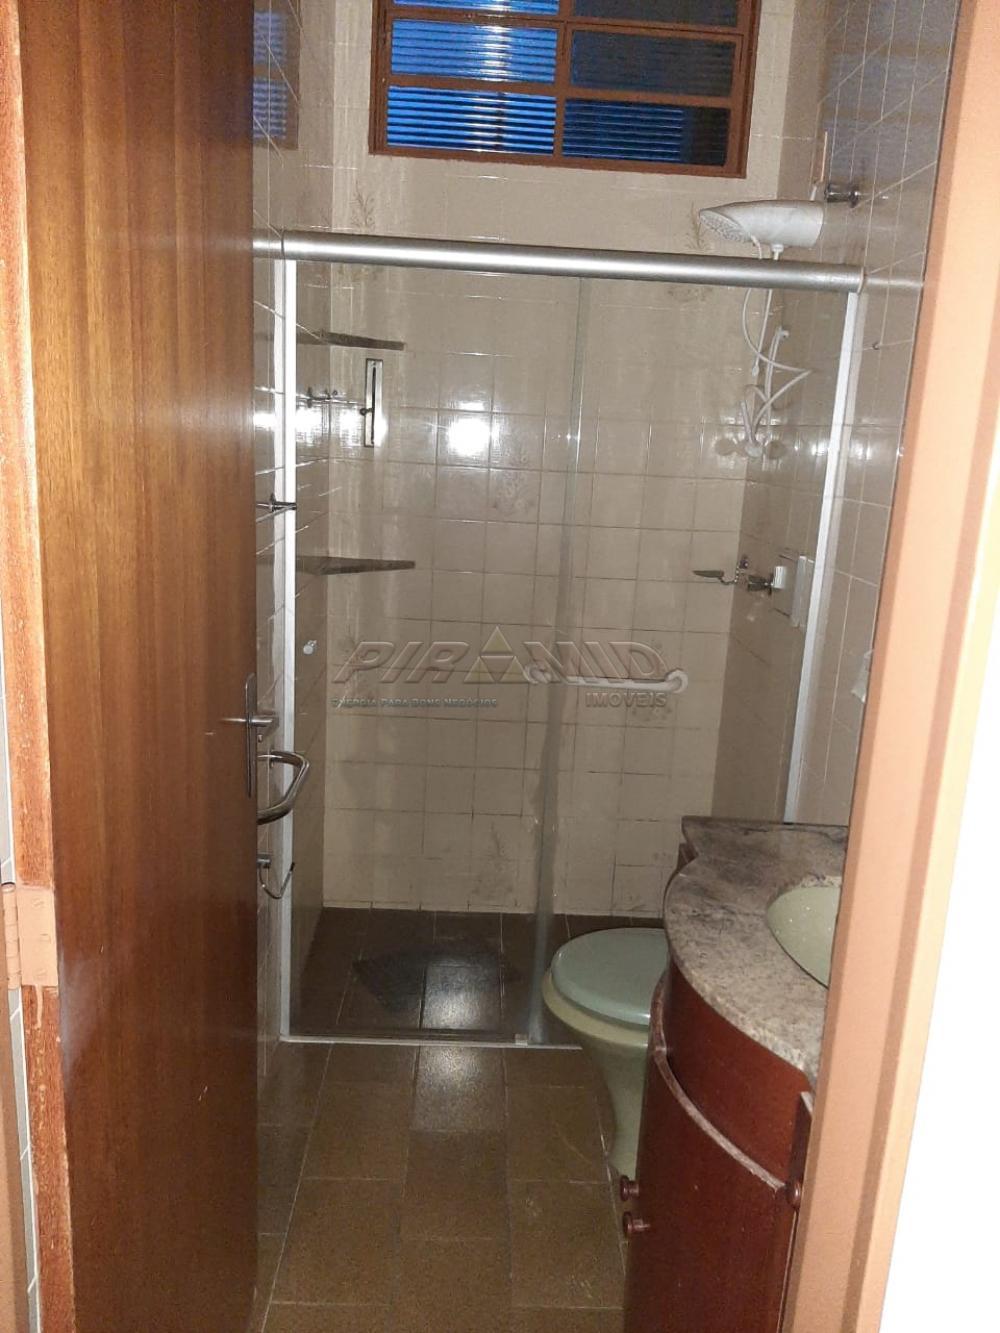 Comprar Casa / Padrão em Ribeirão Preto apenas R$ 200.000,00 - Foto 31